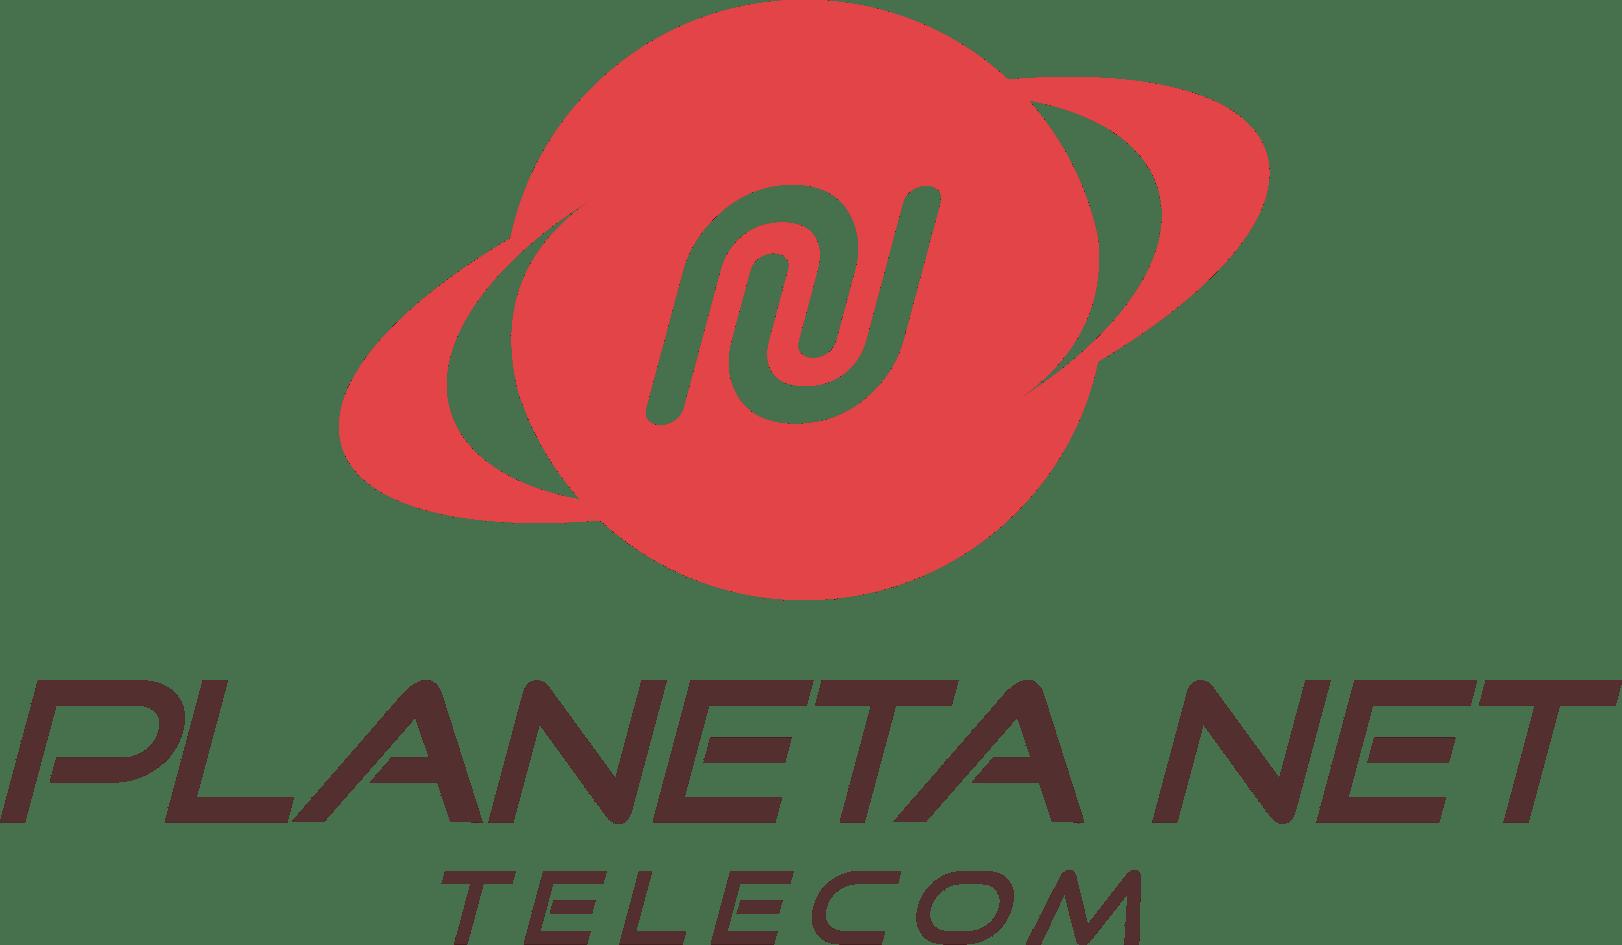 Planeta Net Telecom